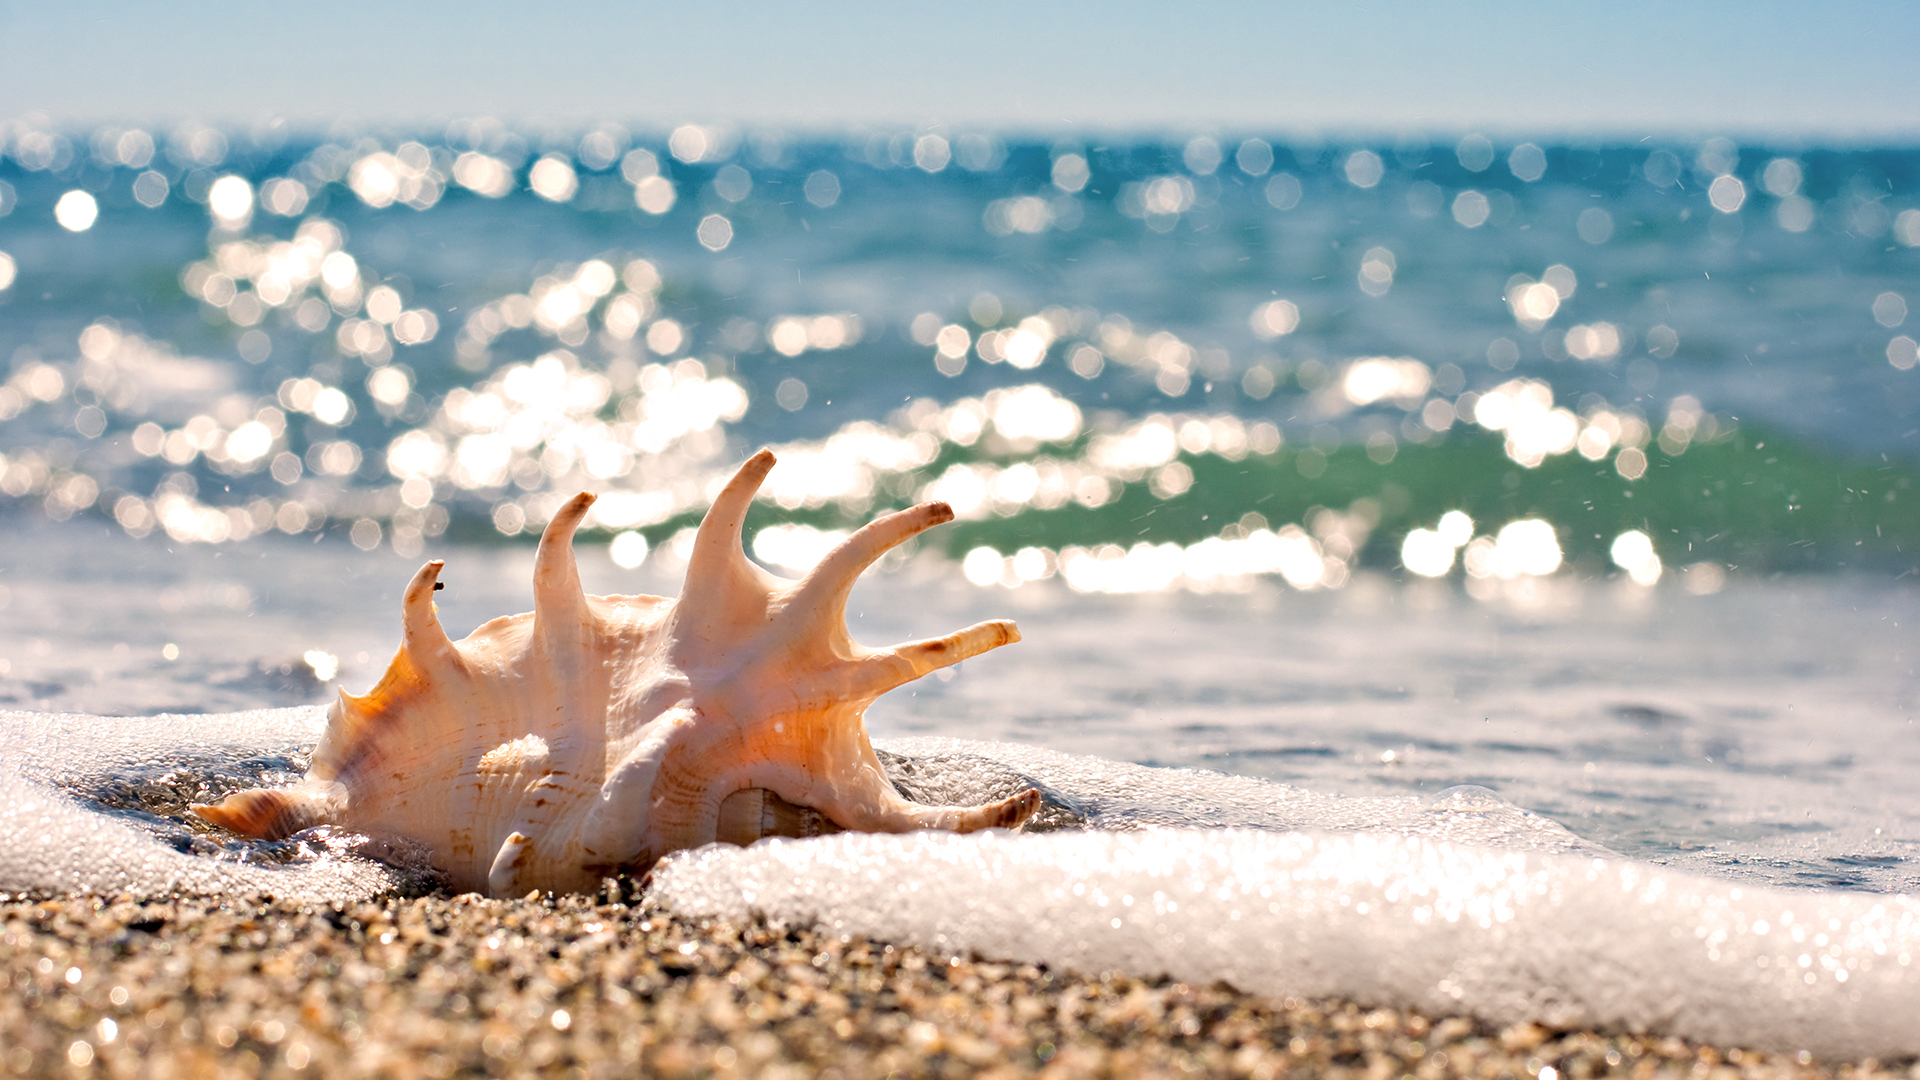 морская соль ракушки полотенце отдых онлайн